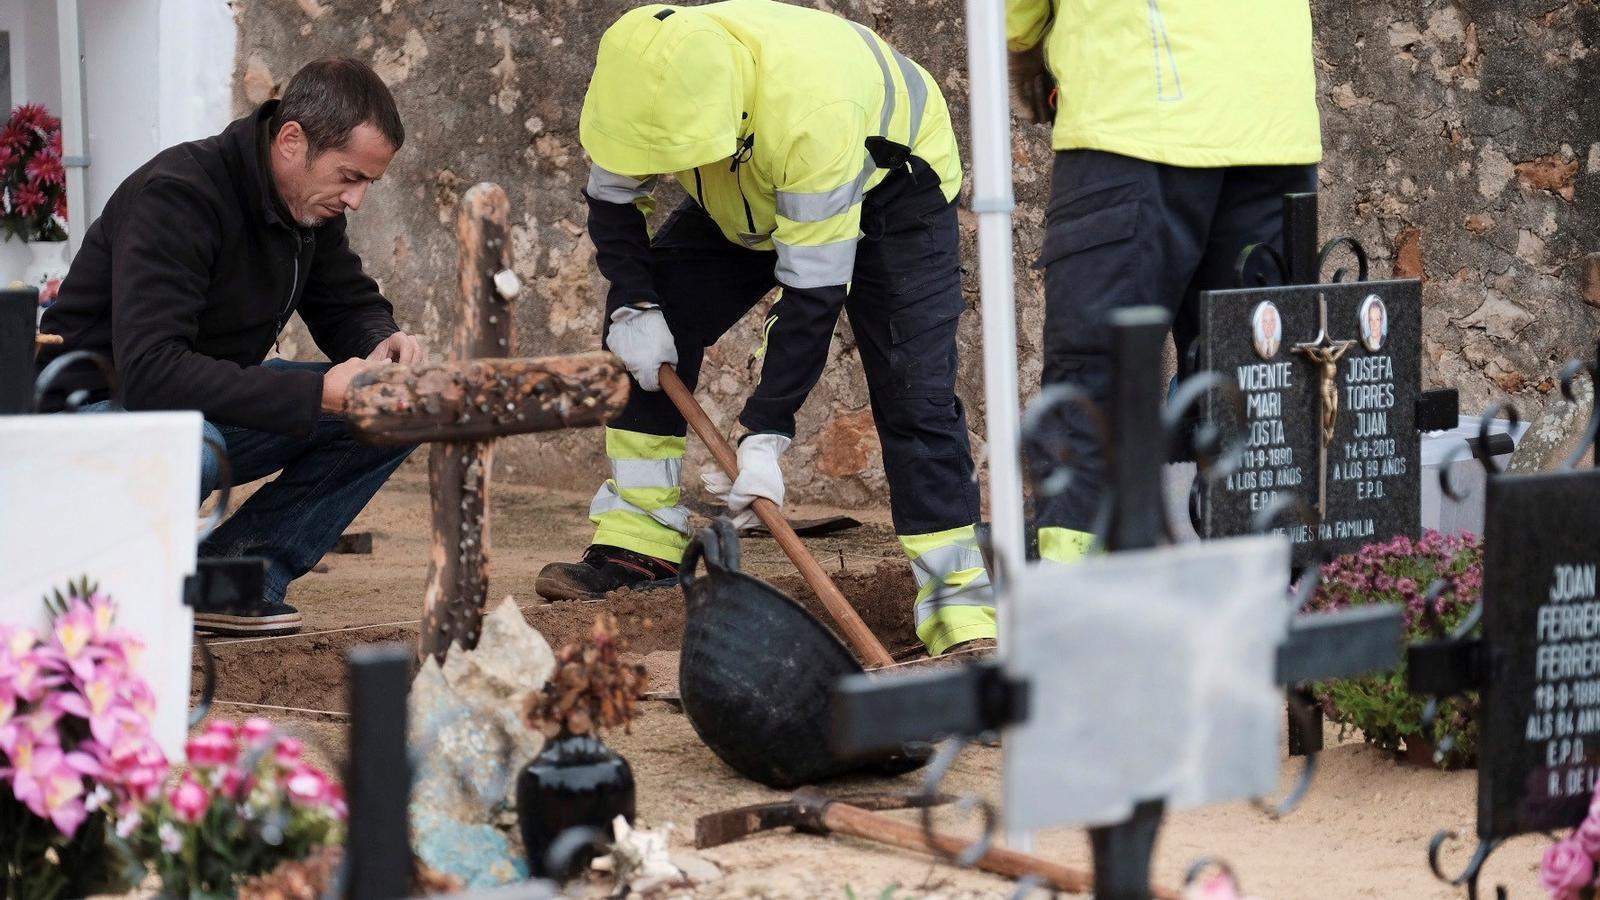 Els tècnics cerquen les restes de les cinc persones que foren assassinades i enterrades en aquesta fossa.